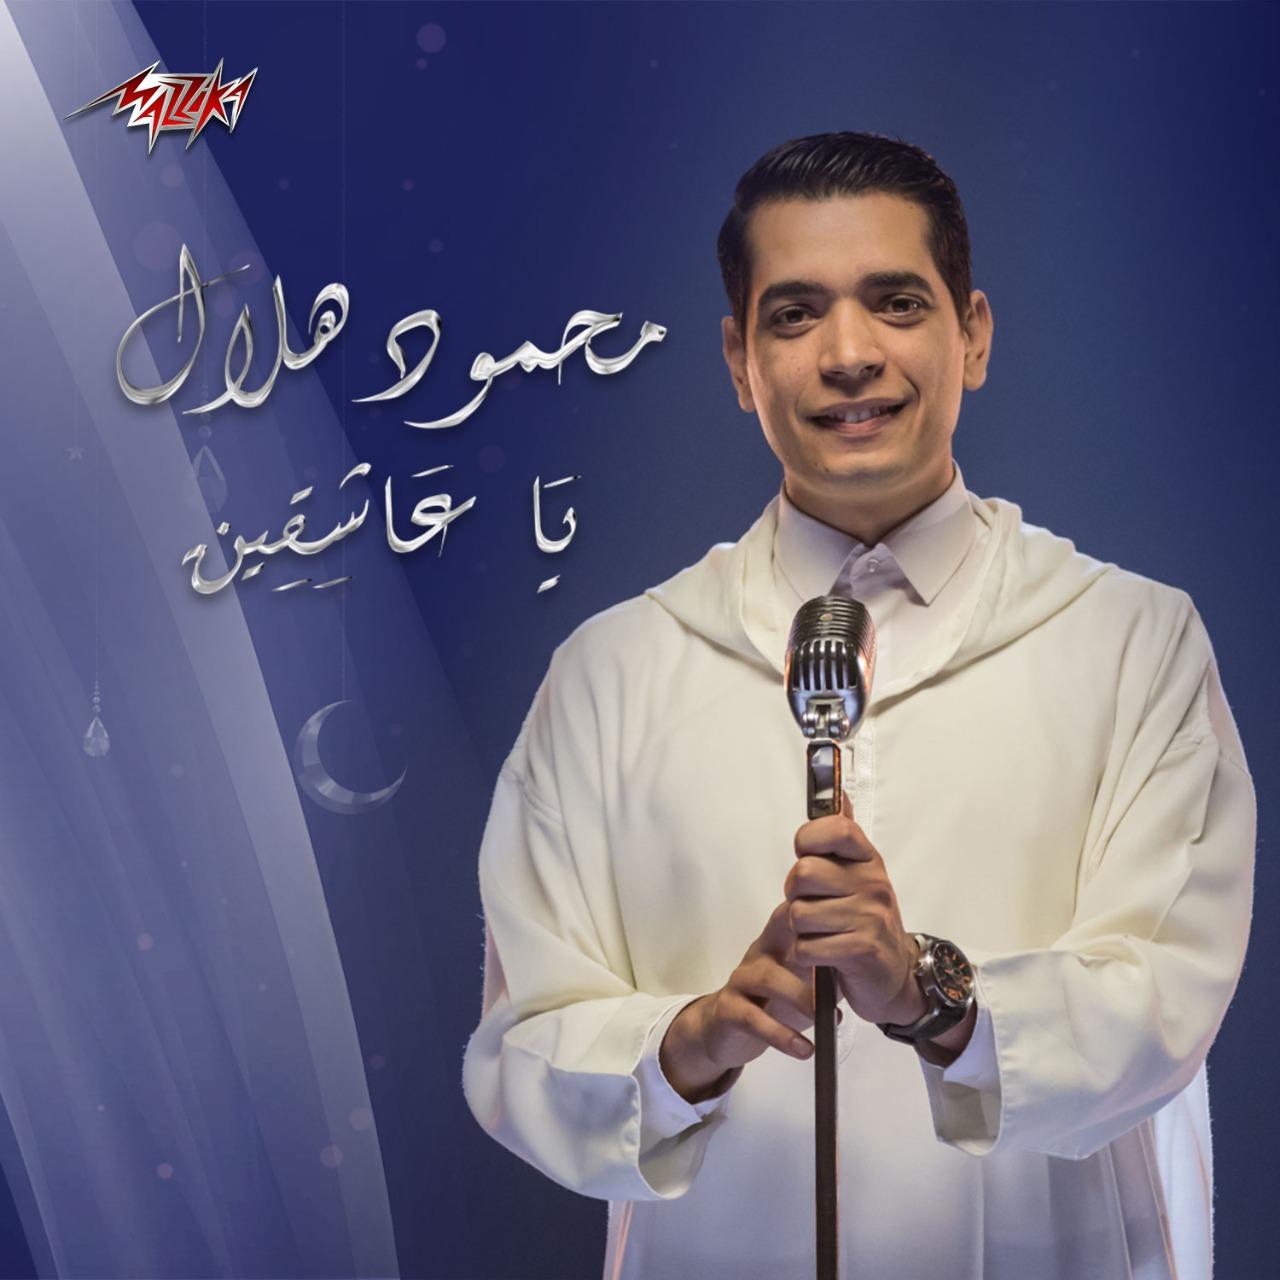 """بمناسبة المولد النبوى الشريف.. مزيكا تطرح """"يا عاشقين"""" للمنشد محمود هلال"""